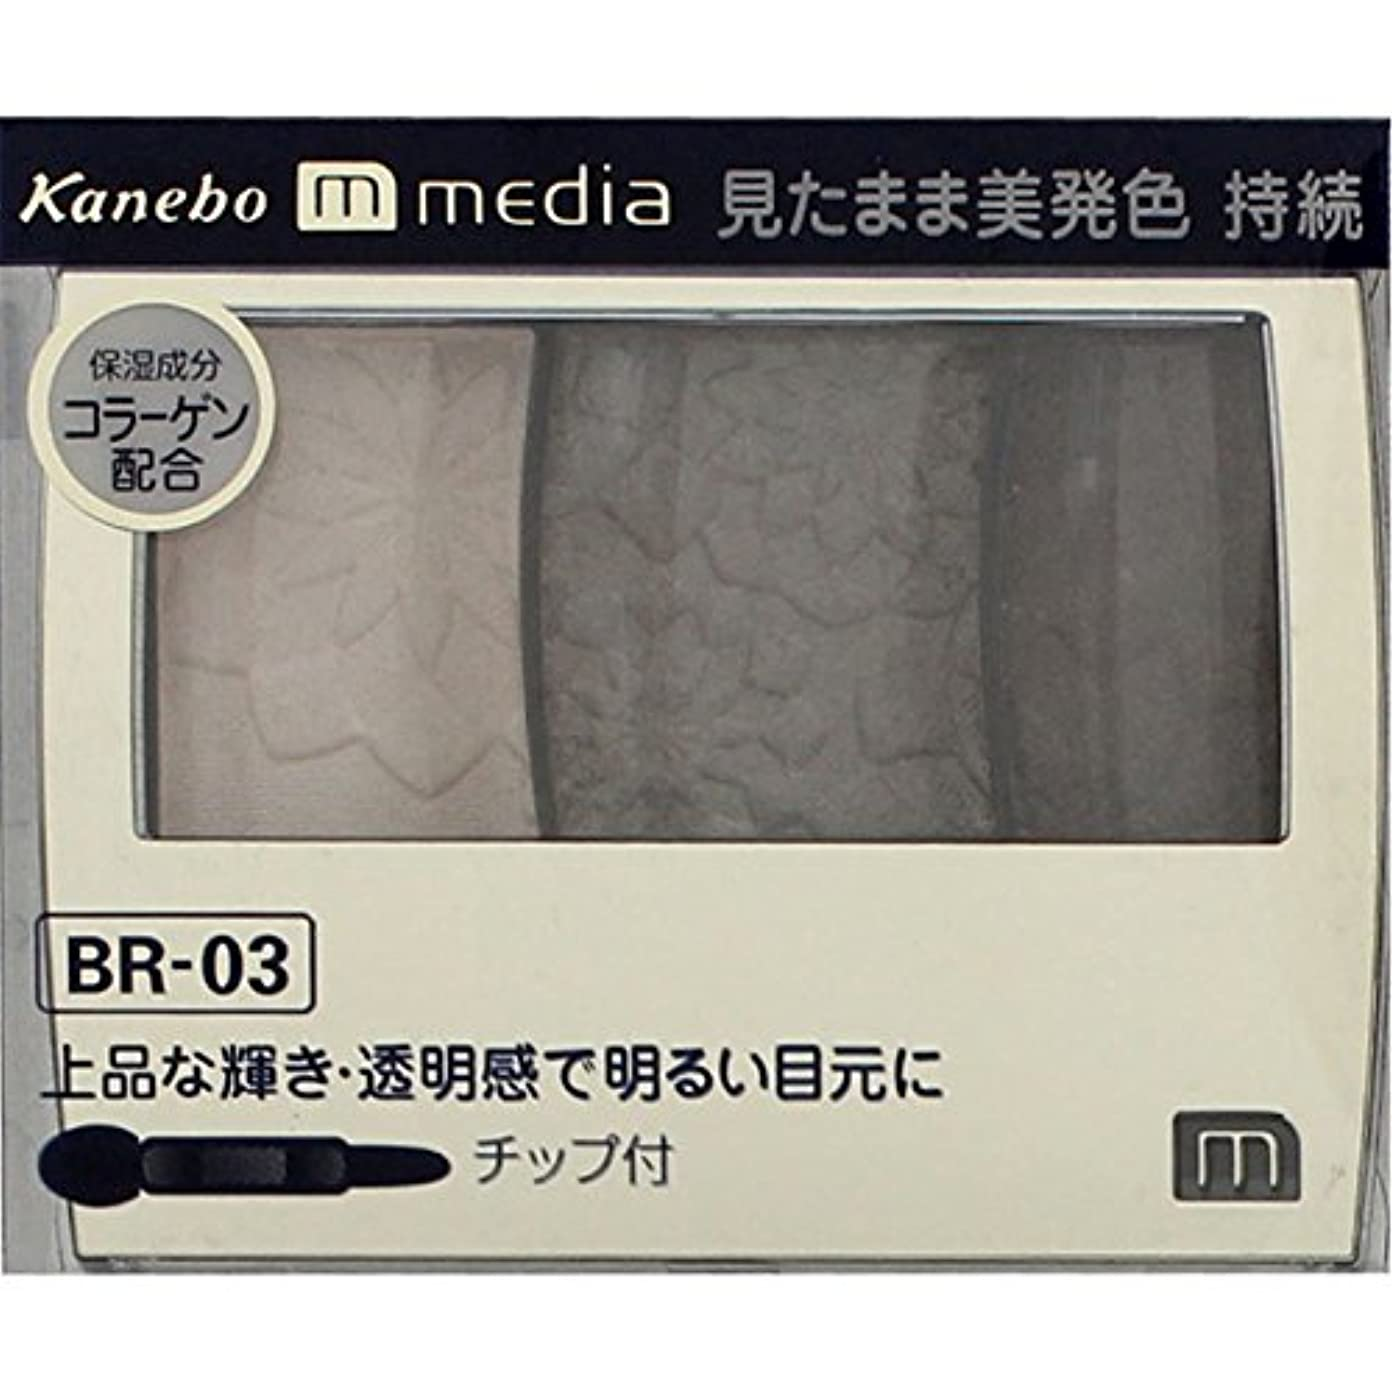 導体会話スナップ【カネボウ】 メディア グラデカラーアイシャドウ BR-03